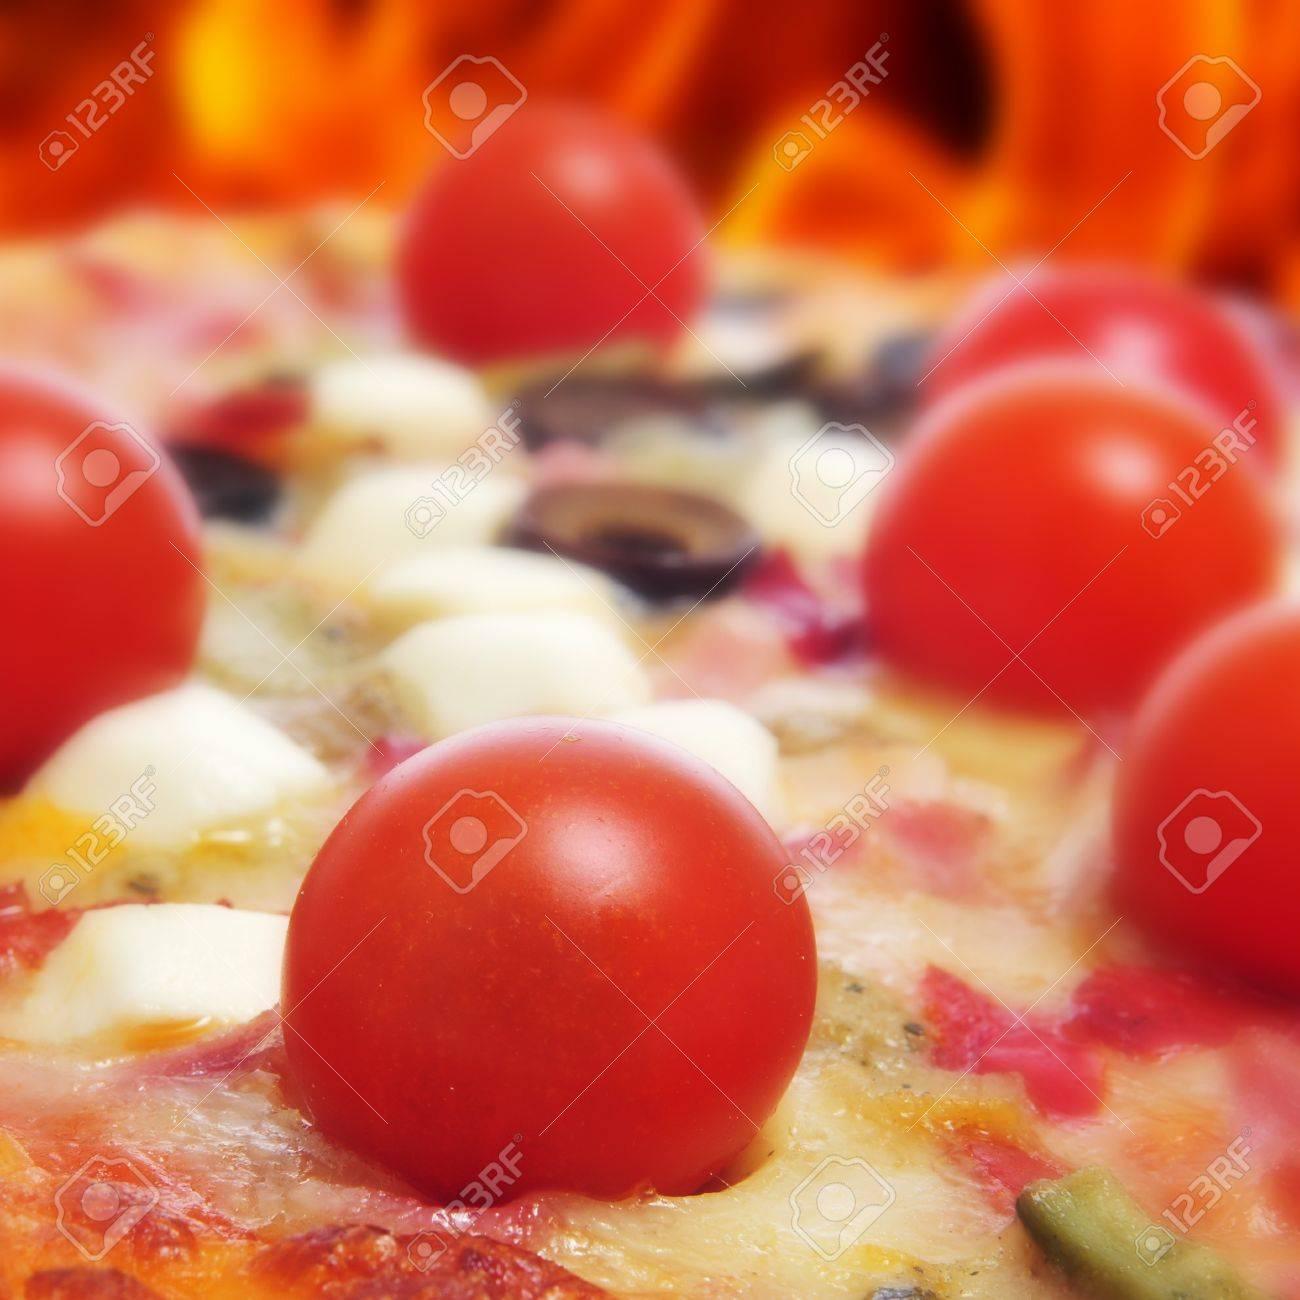 Forno A Legna Immagini closeup of a pizza in a forno a legna, a wood-fired woven